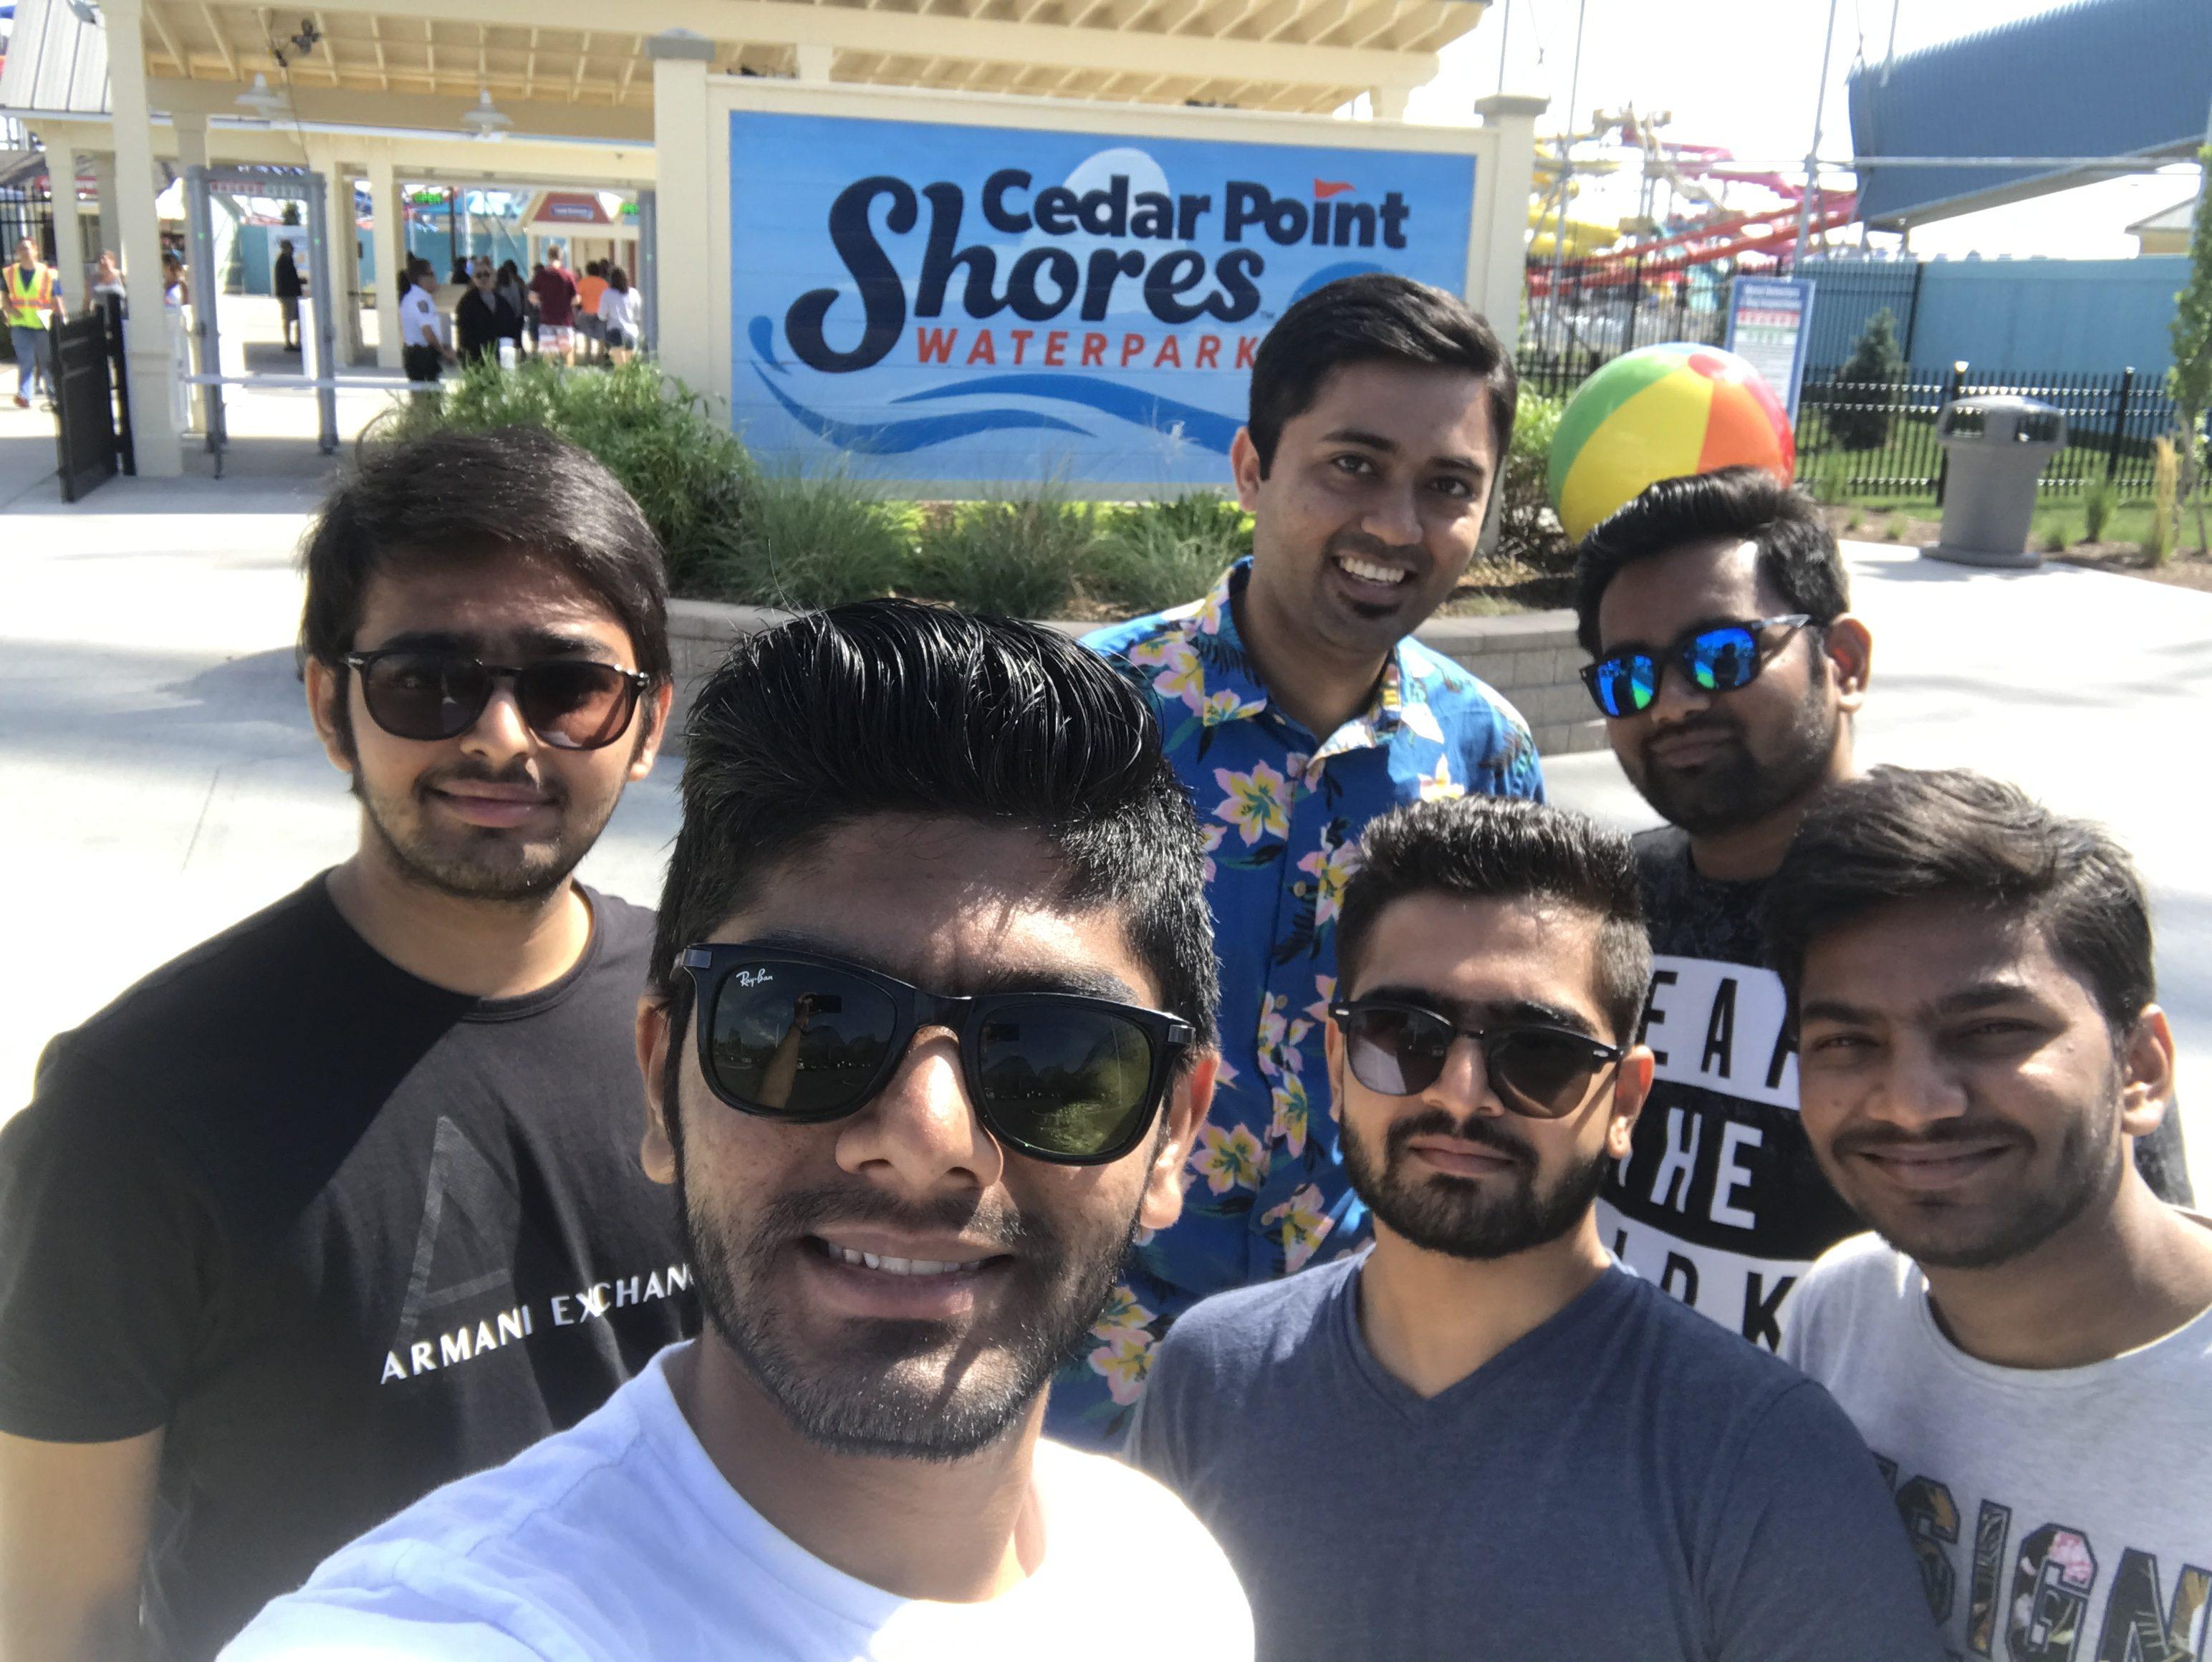 Cedar Point Shores Waterpark